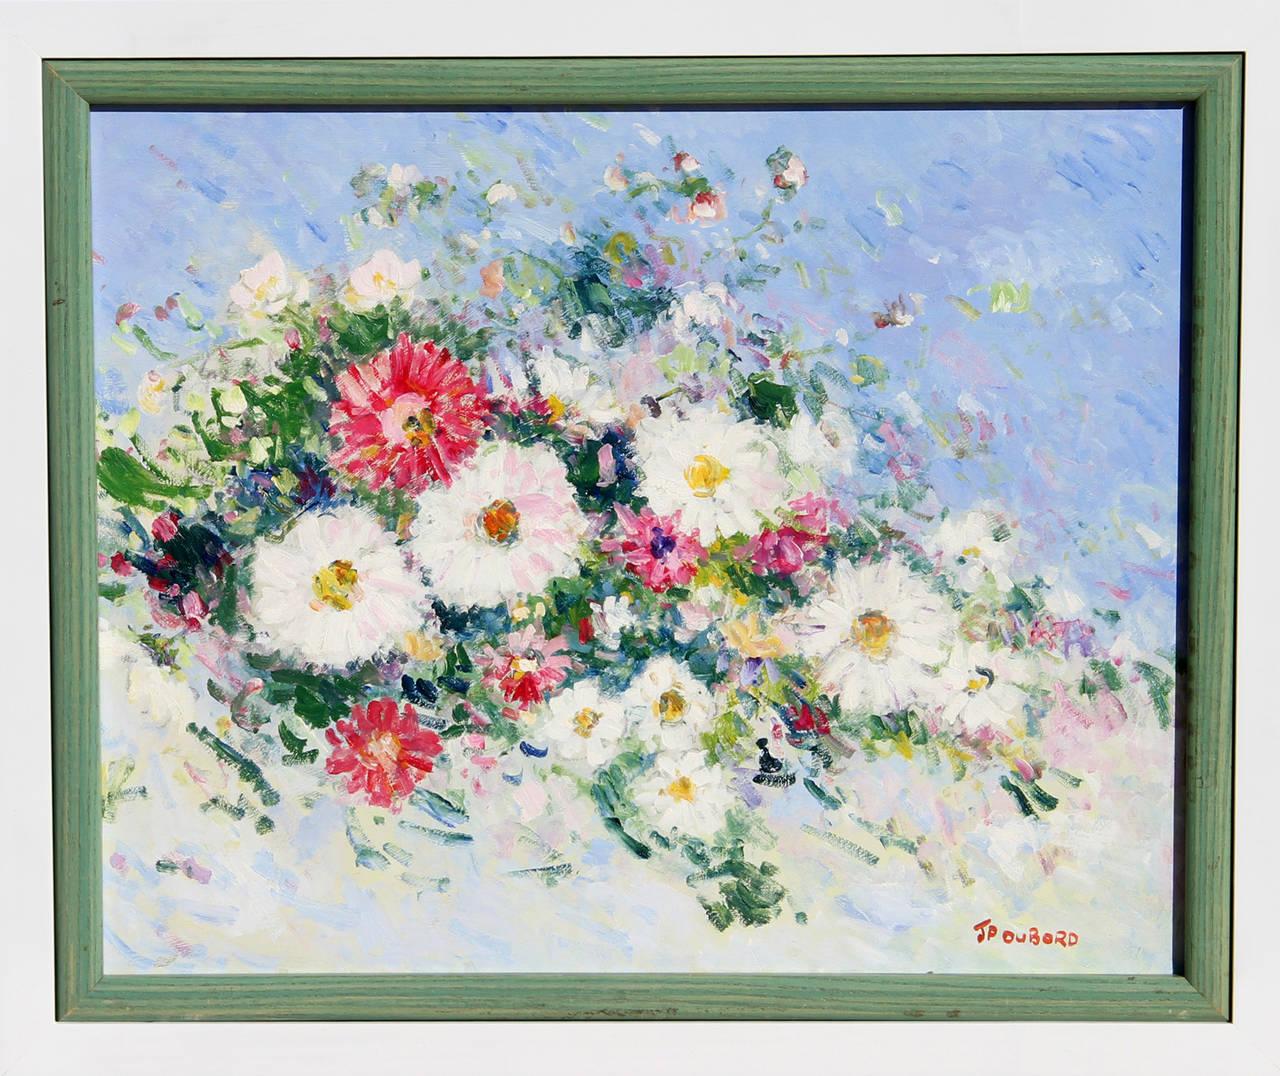 Jean pierre dubord les fleurs du jardin painting for for Jardin francais jewelry